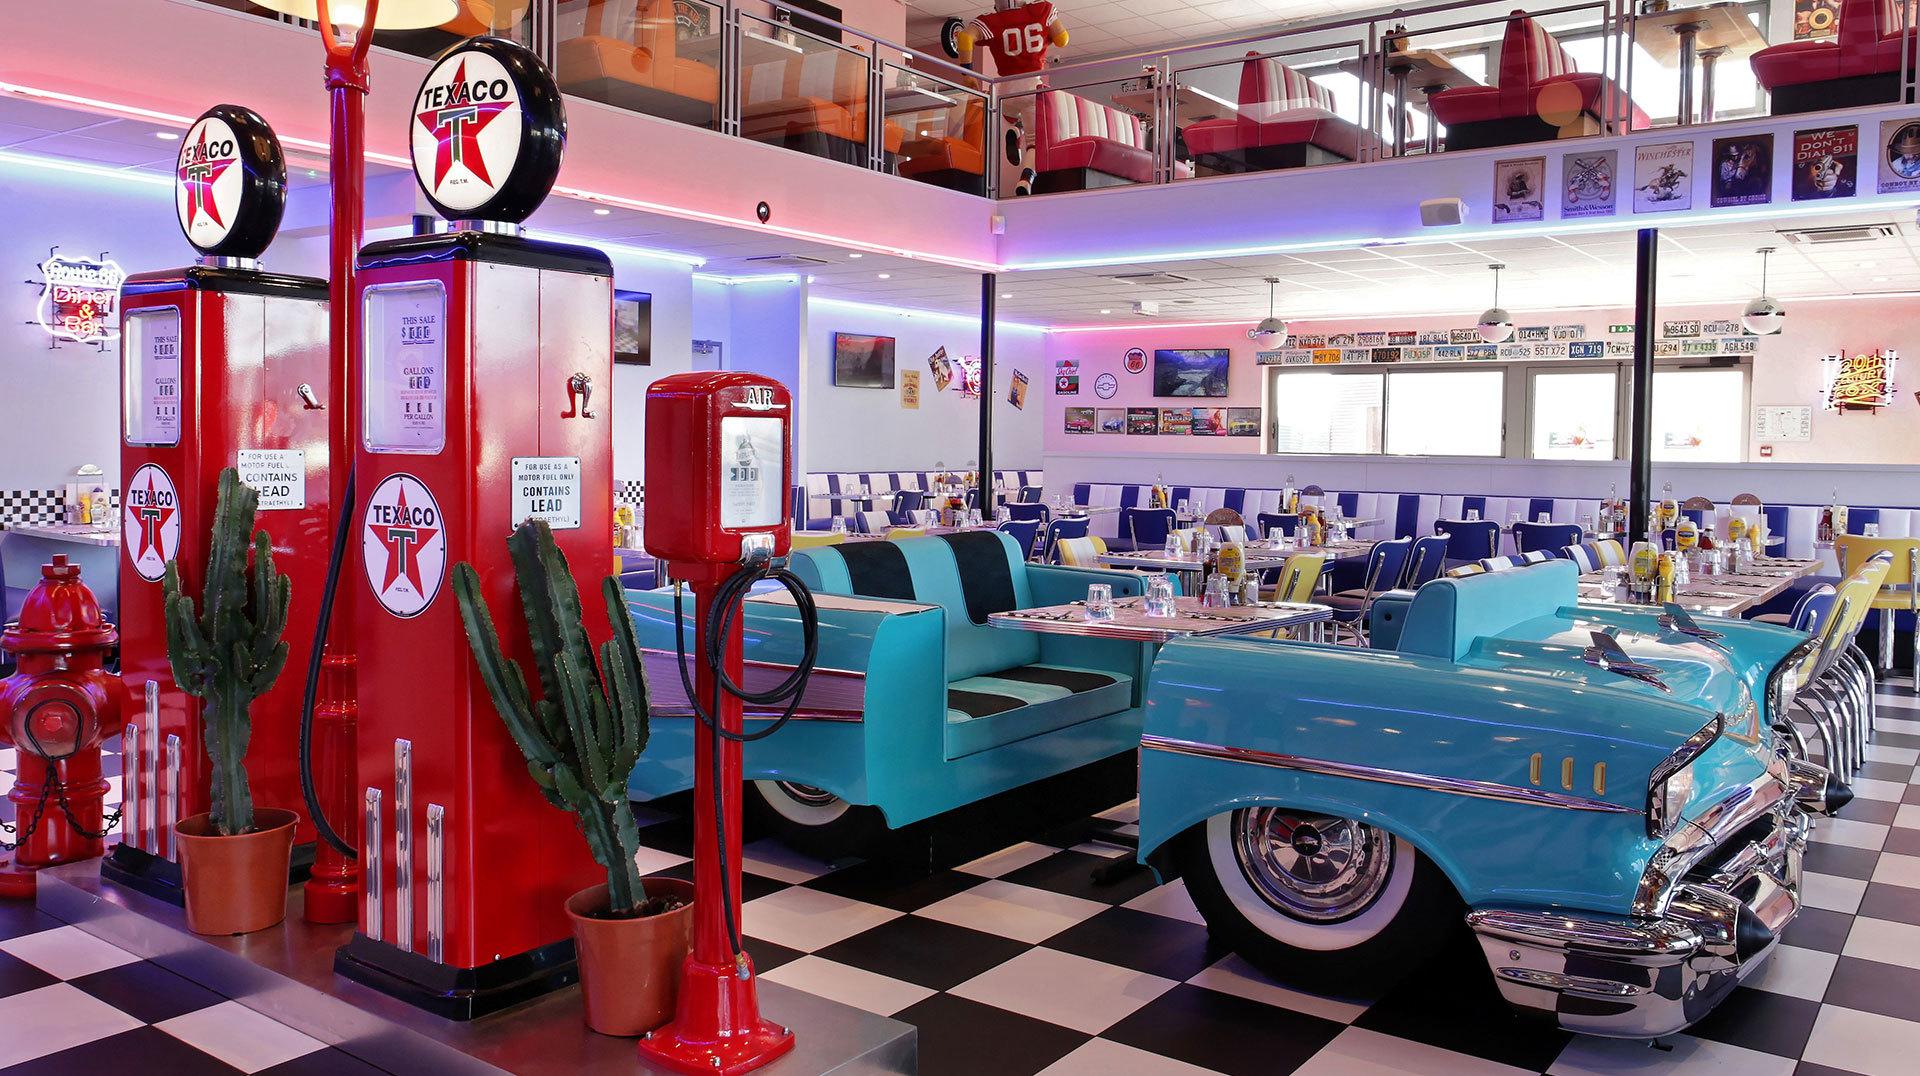 Samy's Diner